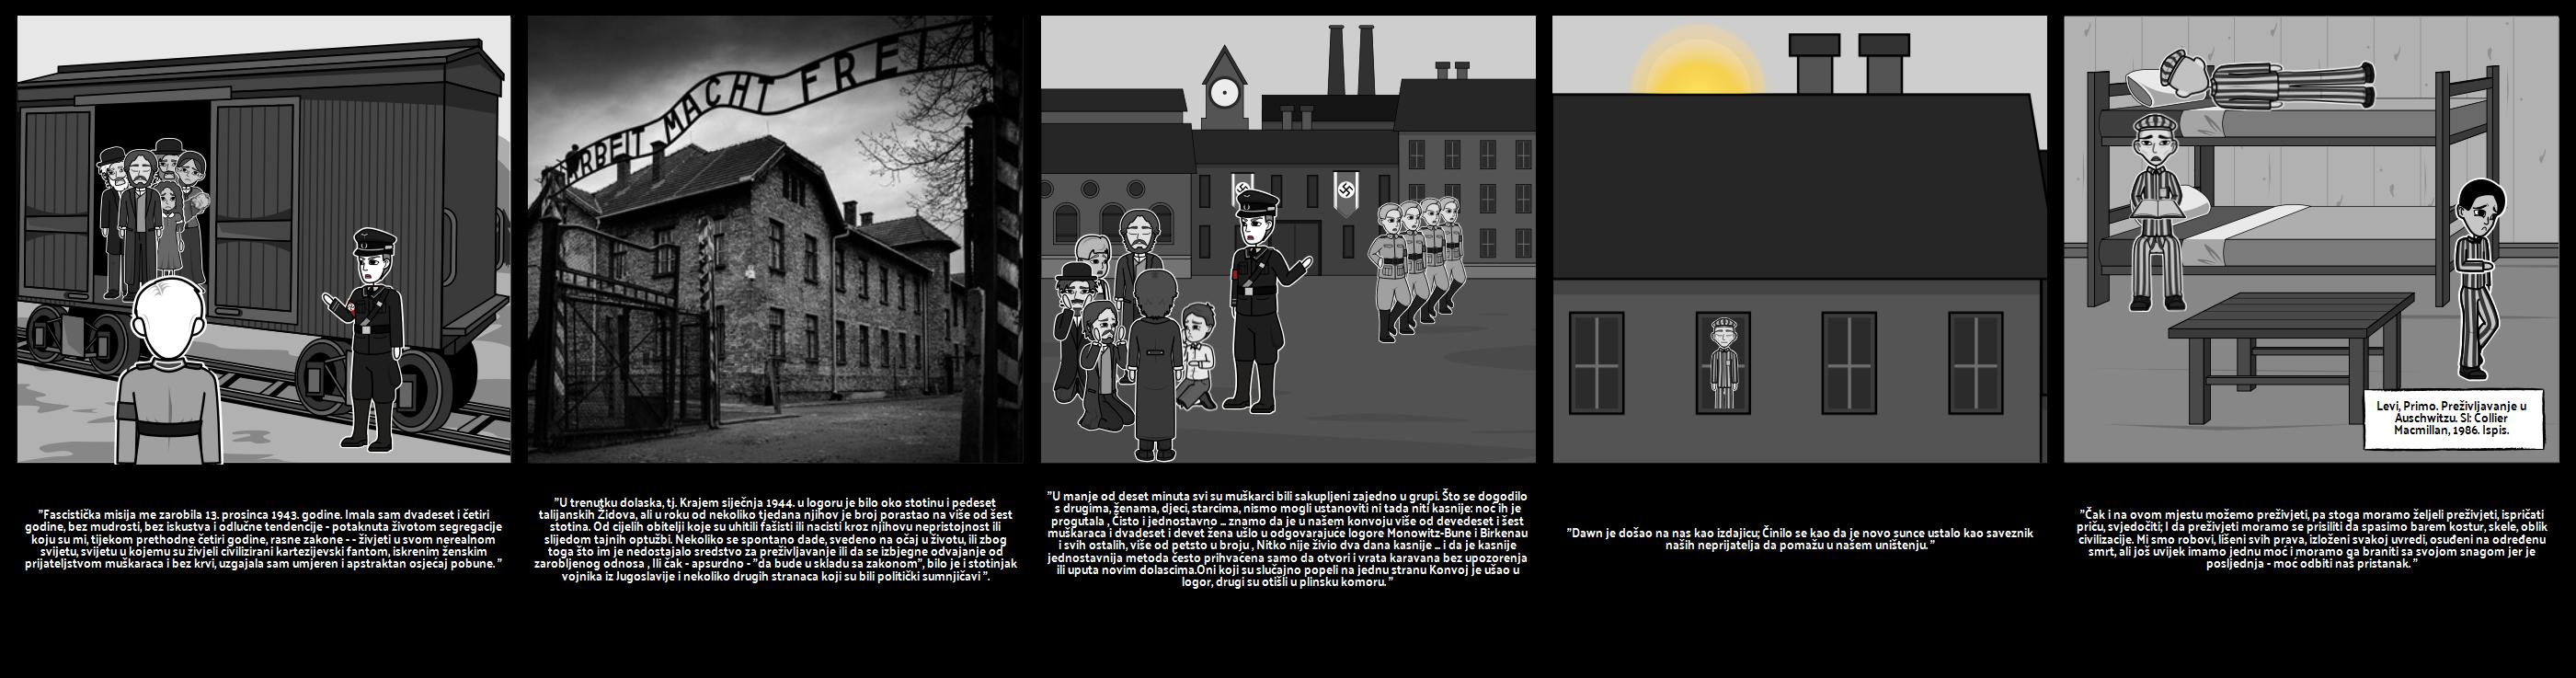 Povijest Holokausta - Žrtve Holokausta: Primo Levy